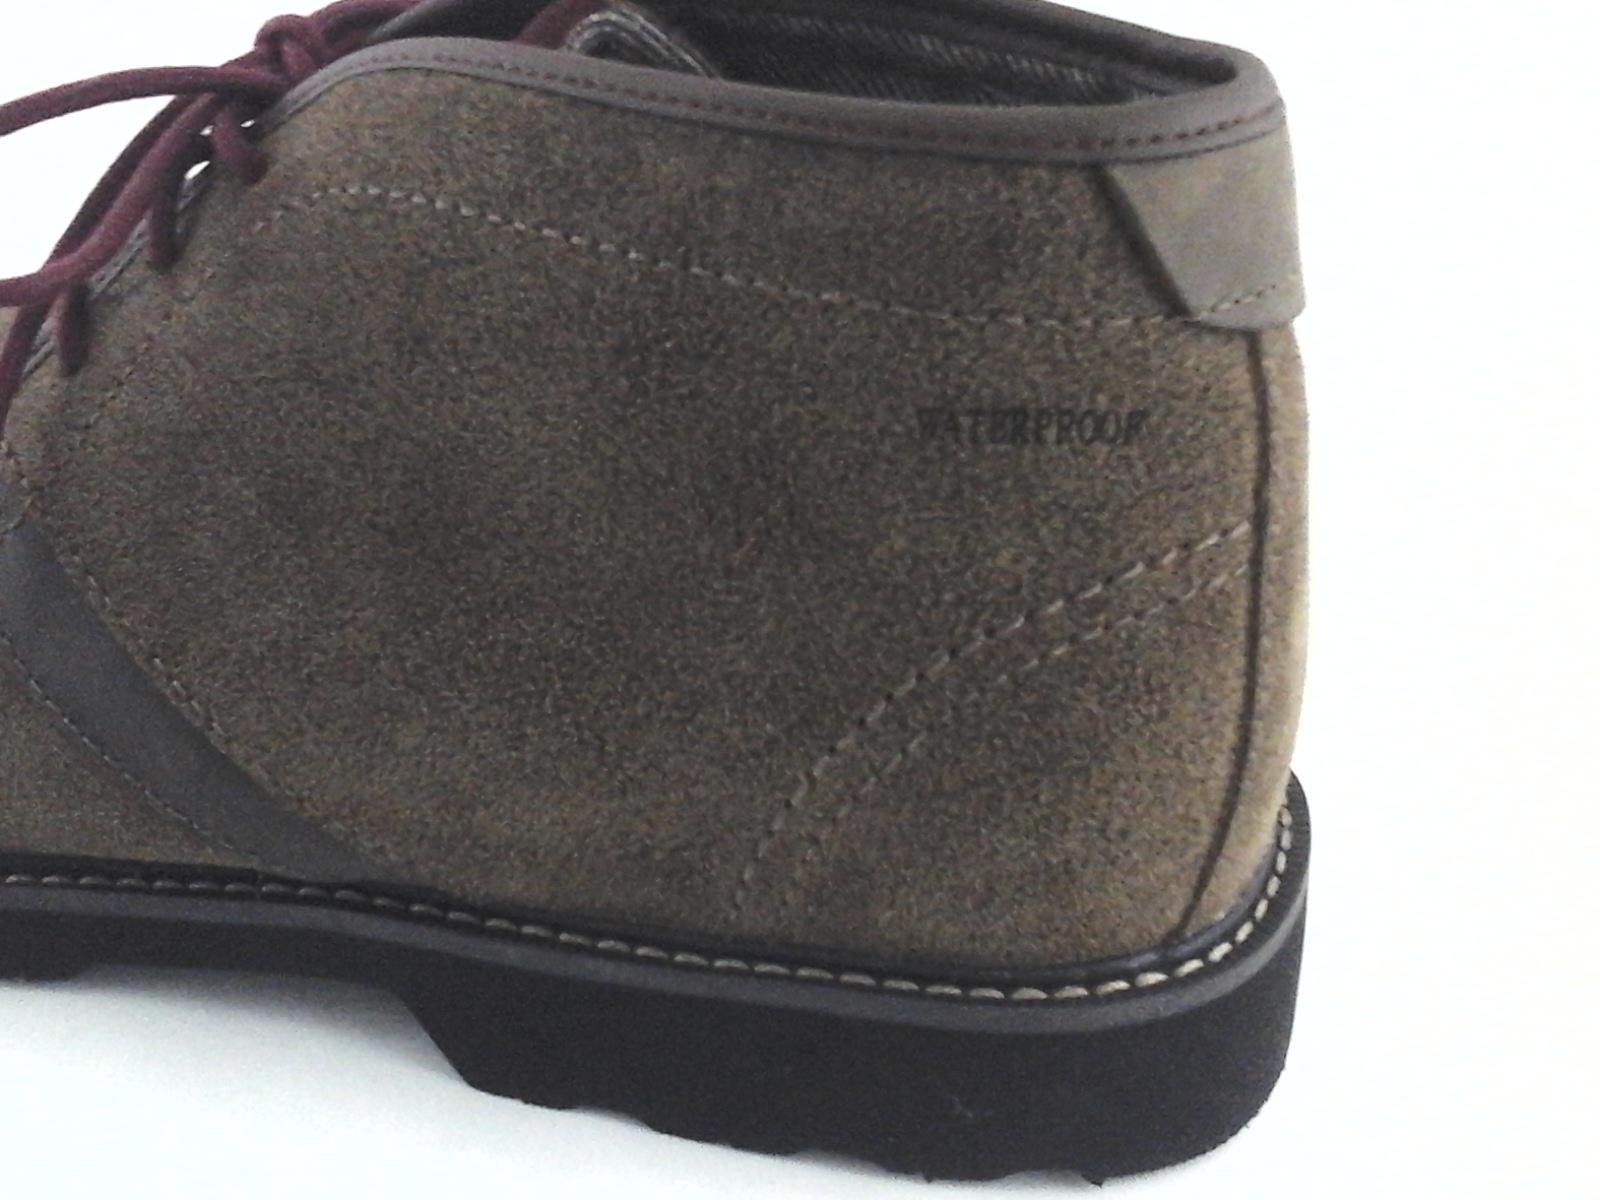 a2a628d942859 New Balance DUNHAM Chukka Boots Brown Suede Waterproof Men's 10 4E ...